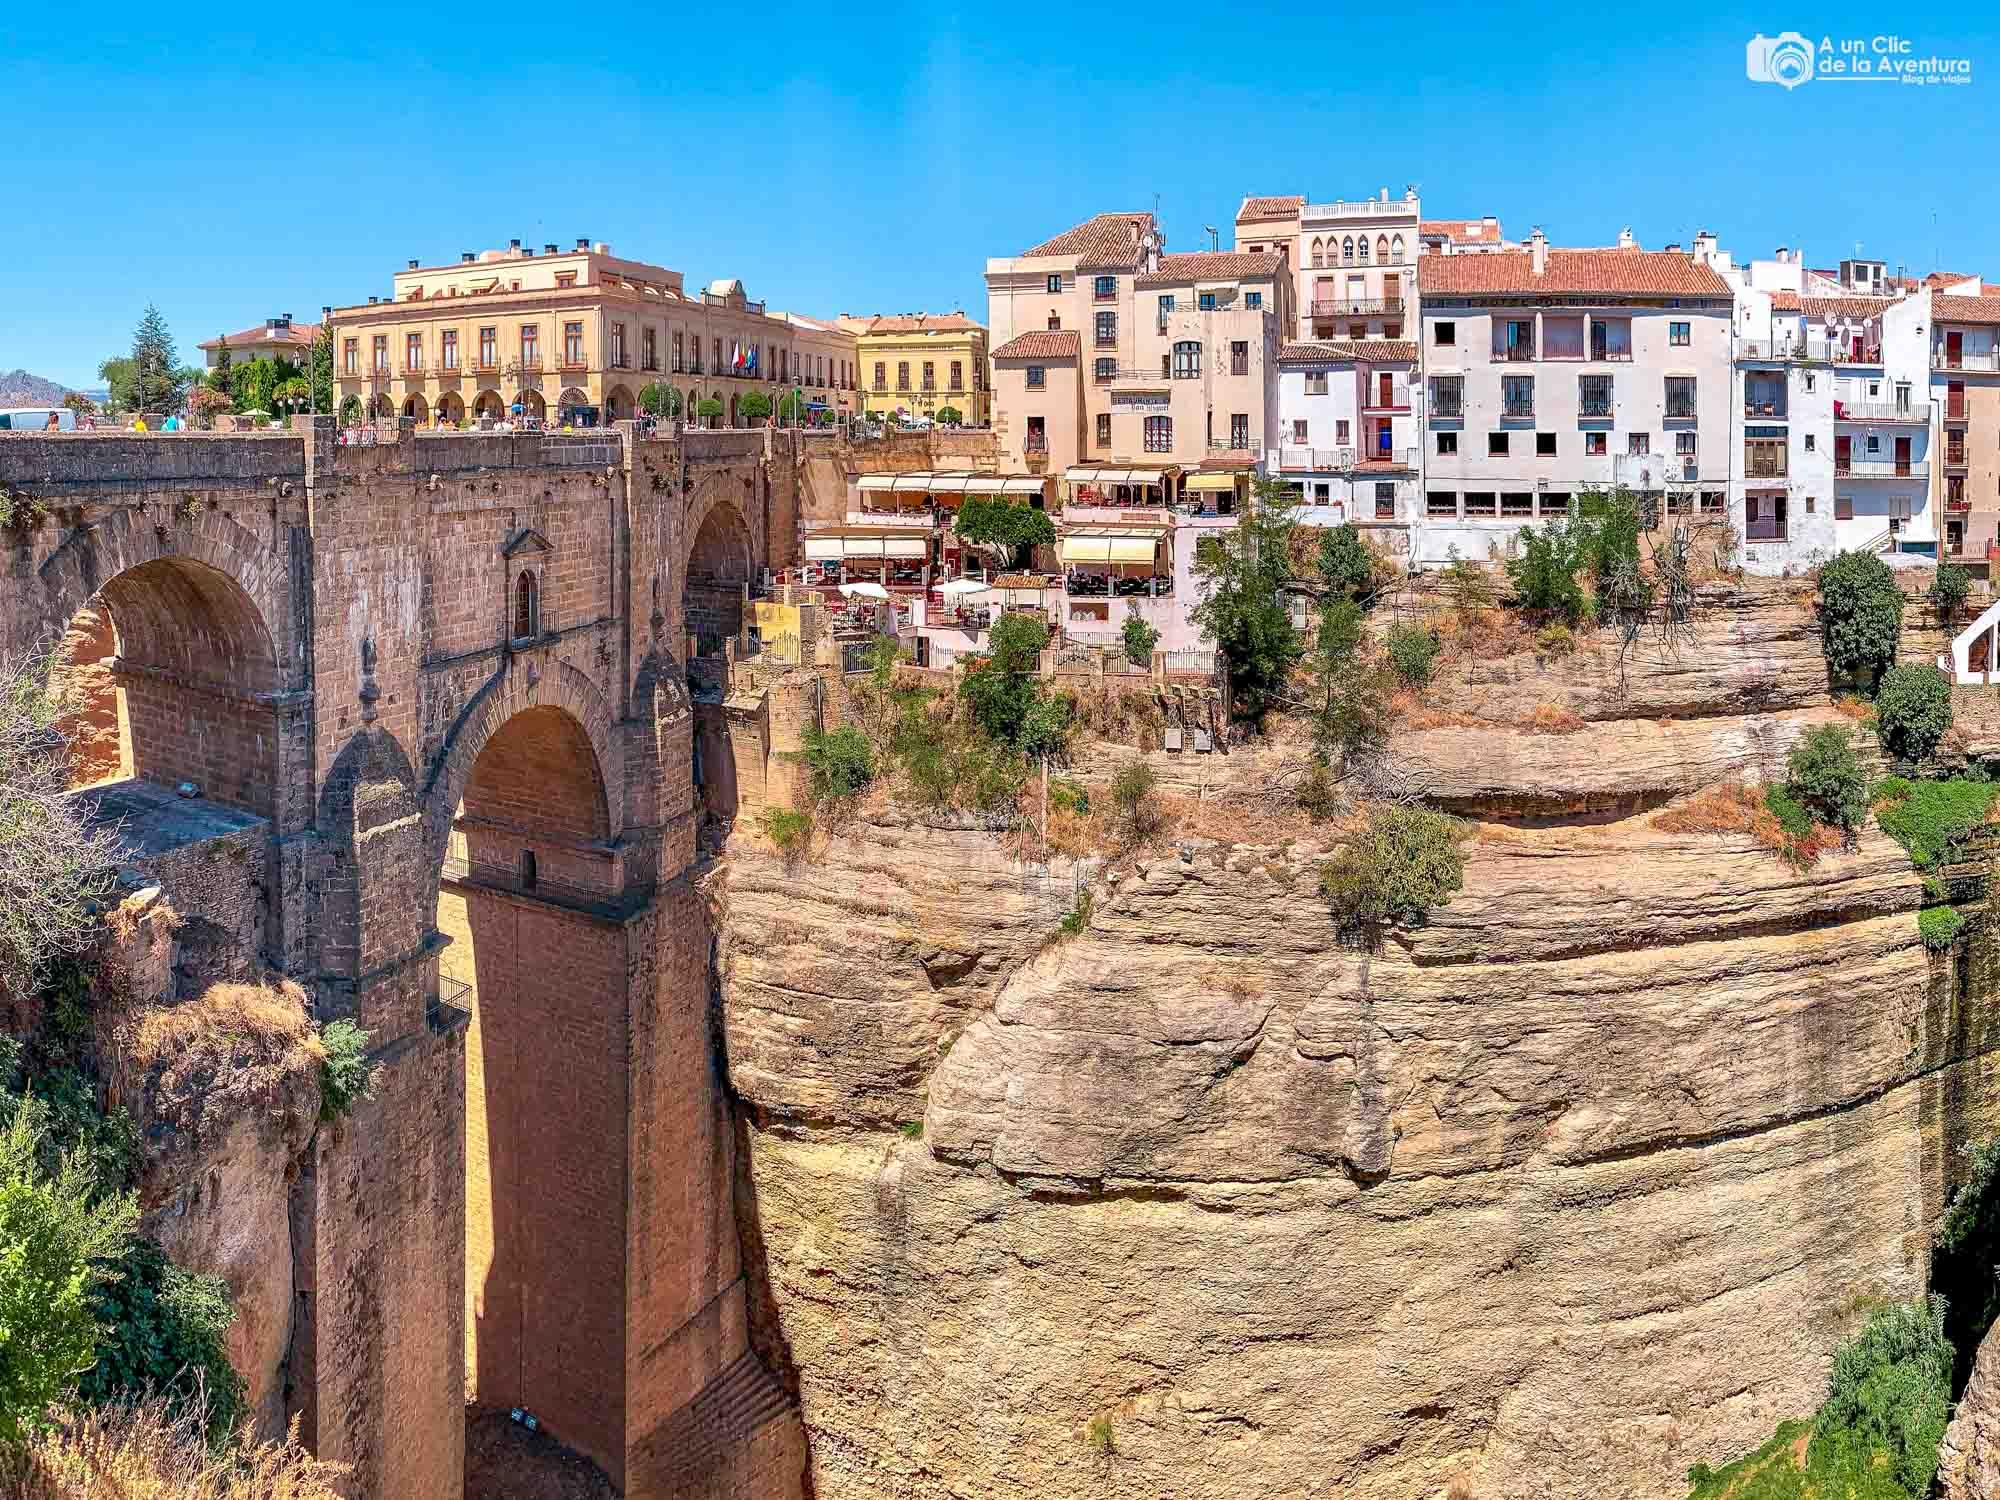 Puente Nuevo de Ronda desde el Mirador de los Viajeros Románticos